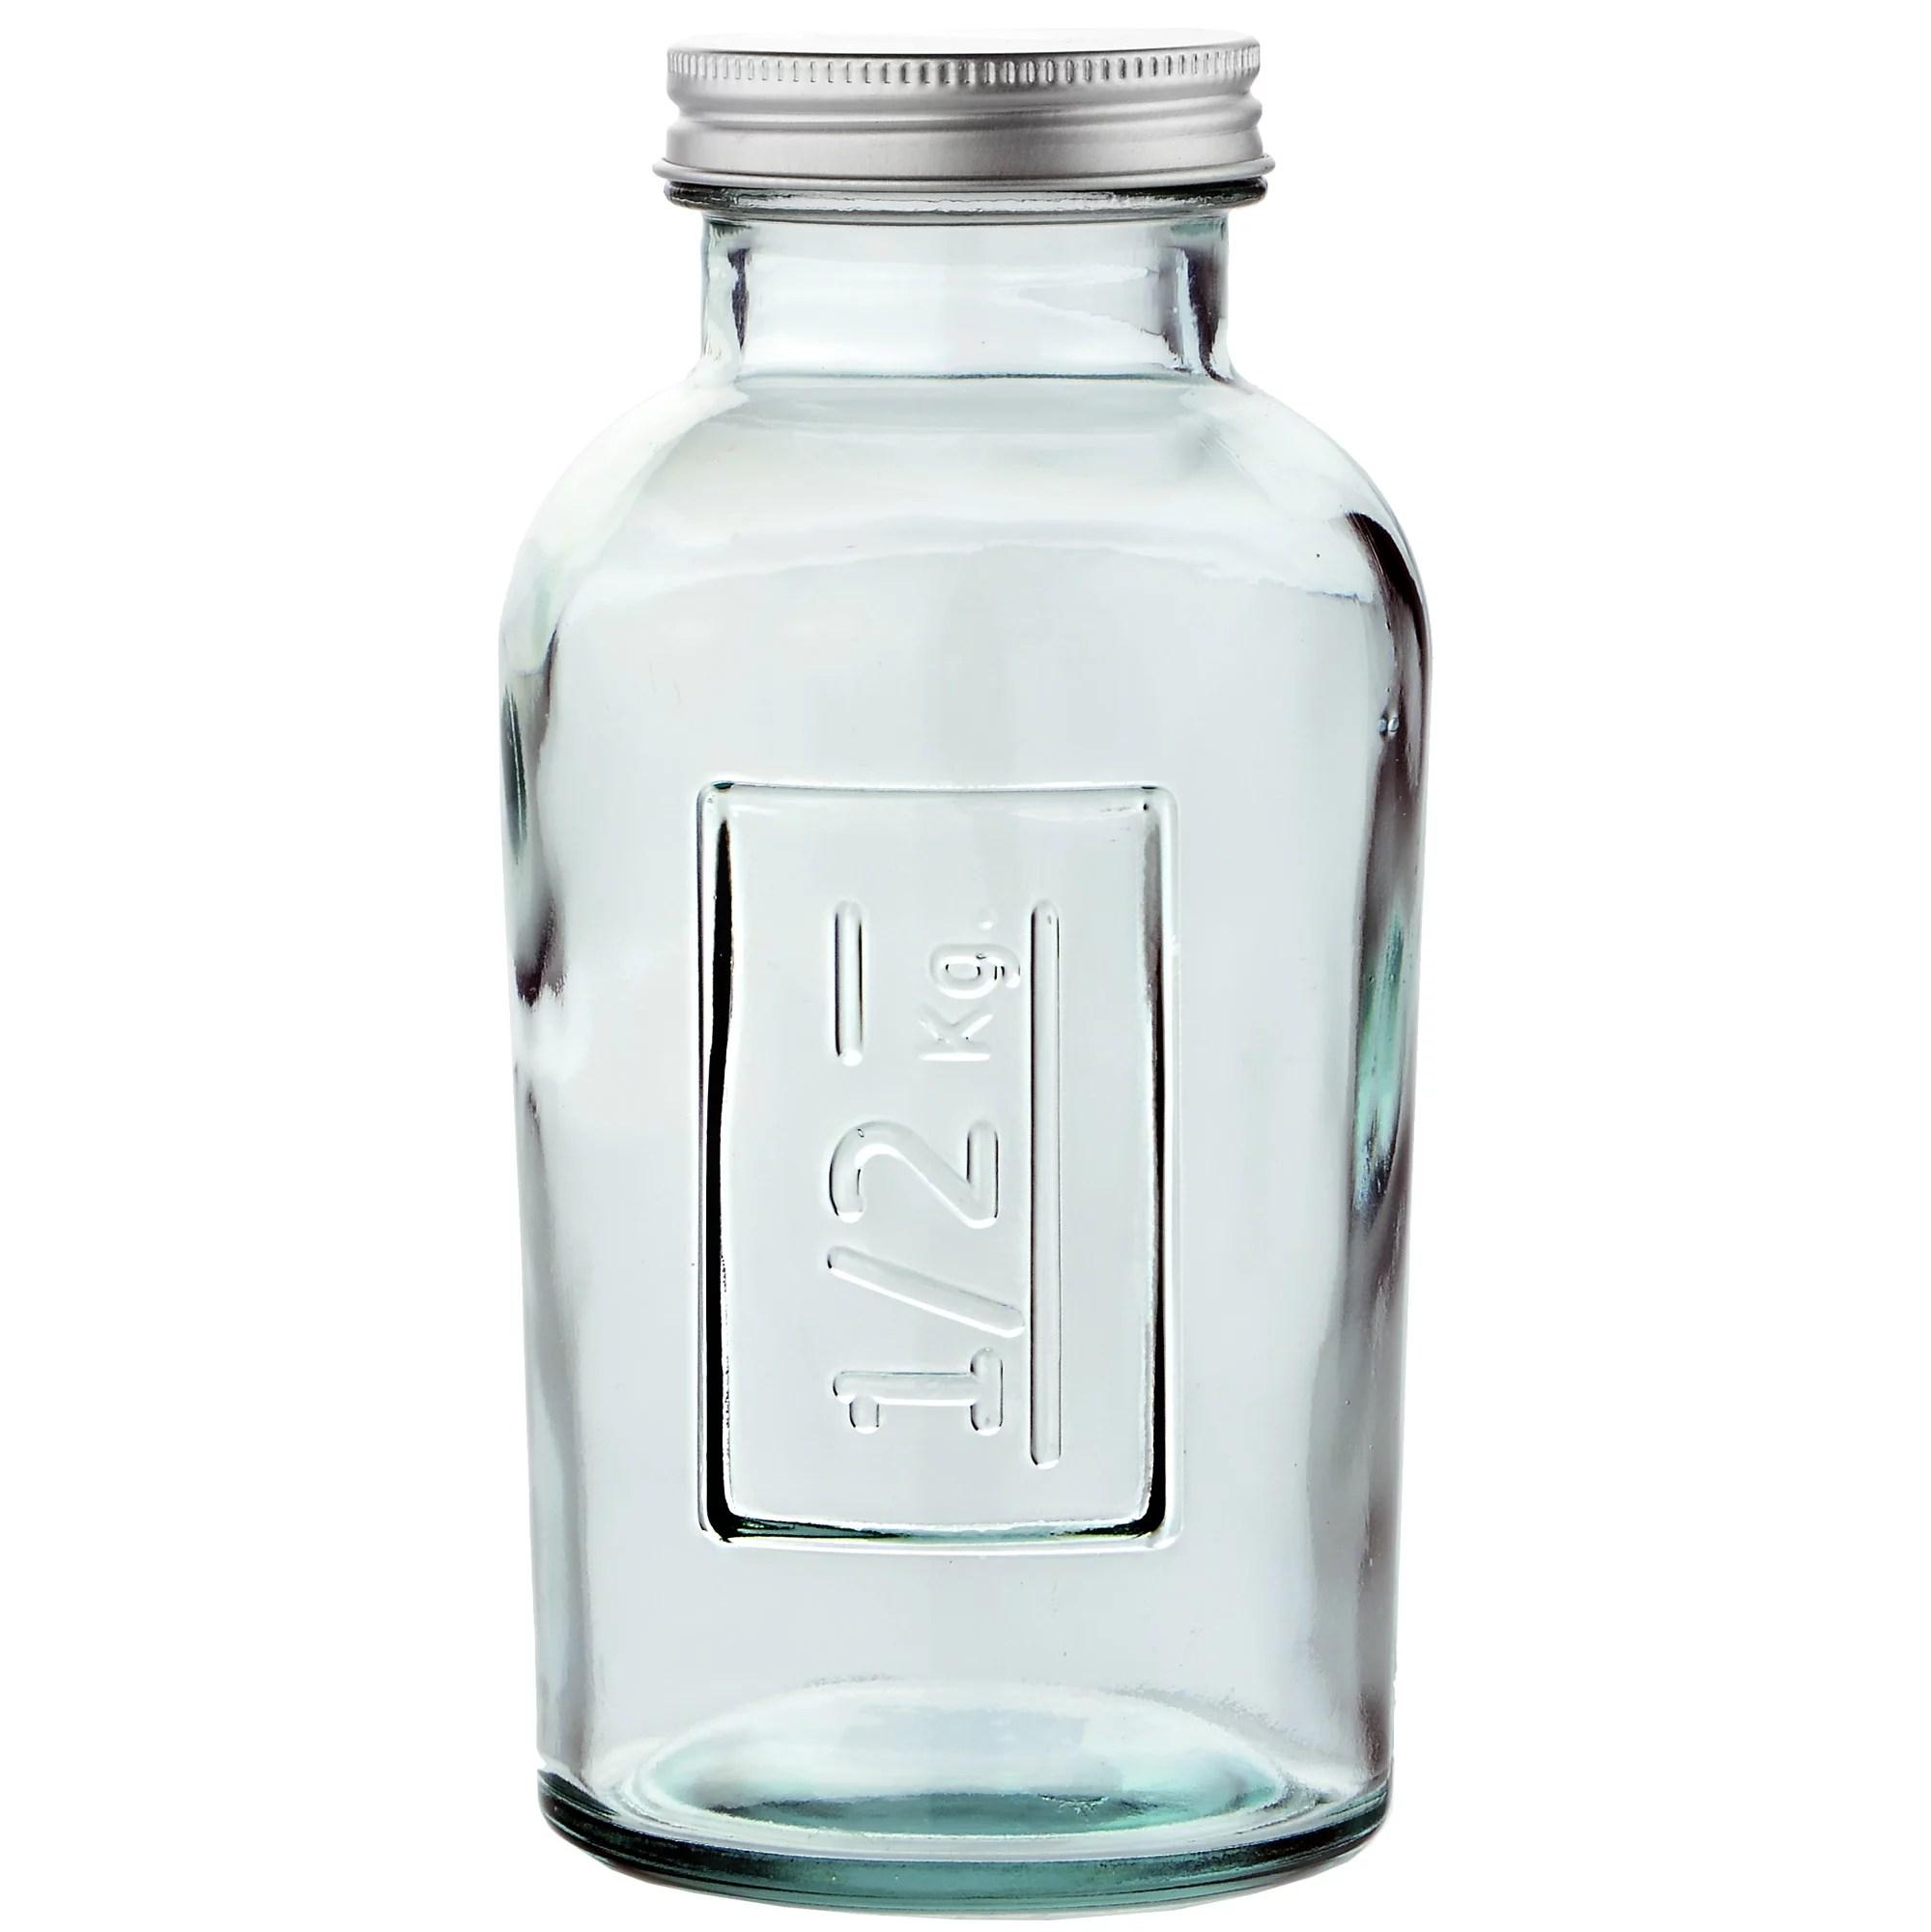 Couronne Co. Euro Glass Jar with Screw Cap - Walmart.com - Walmart.com